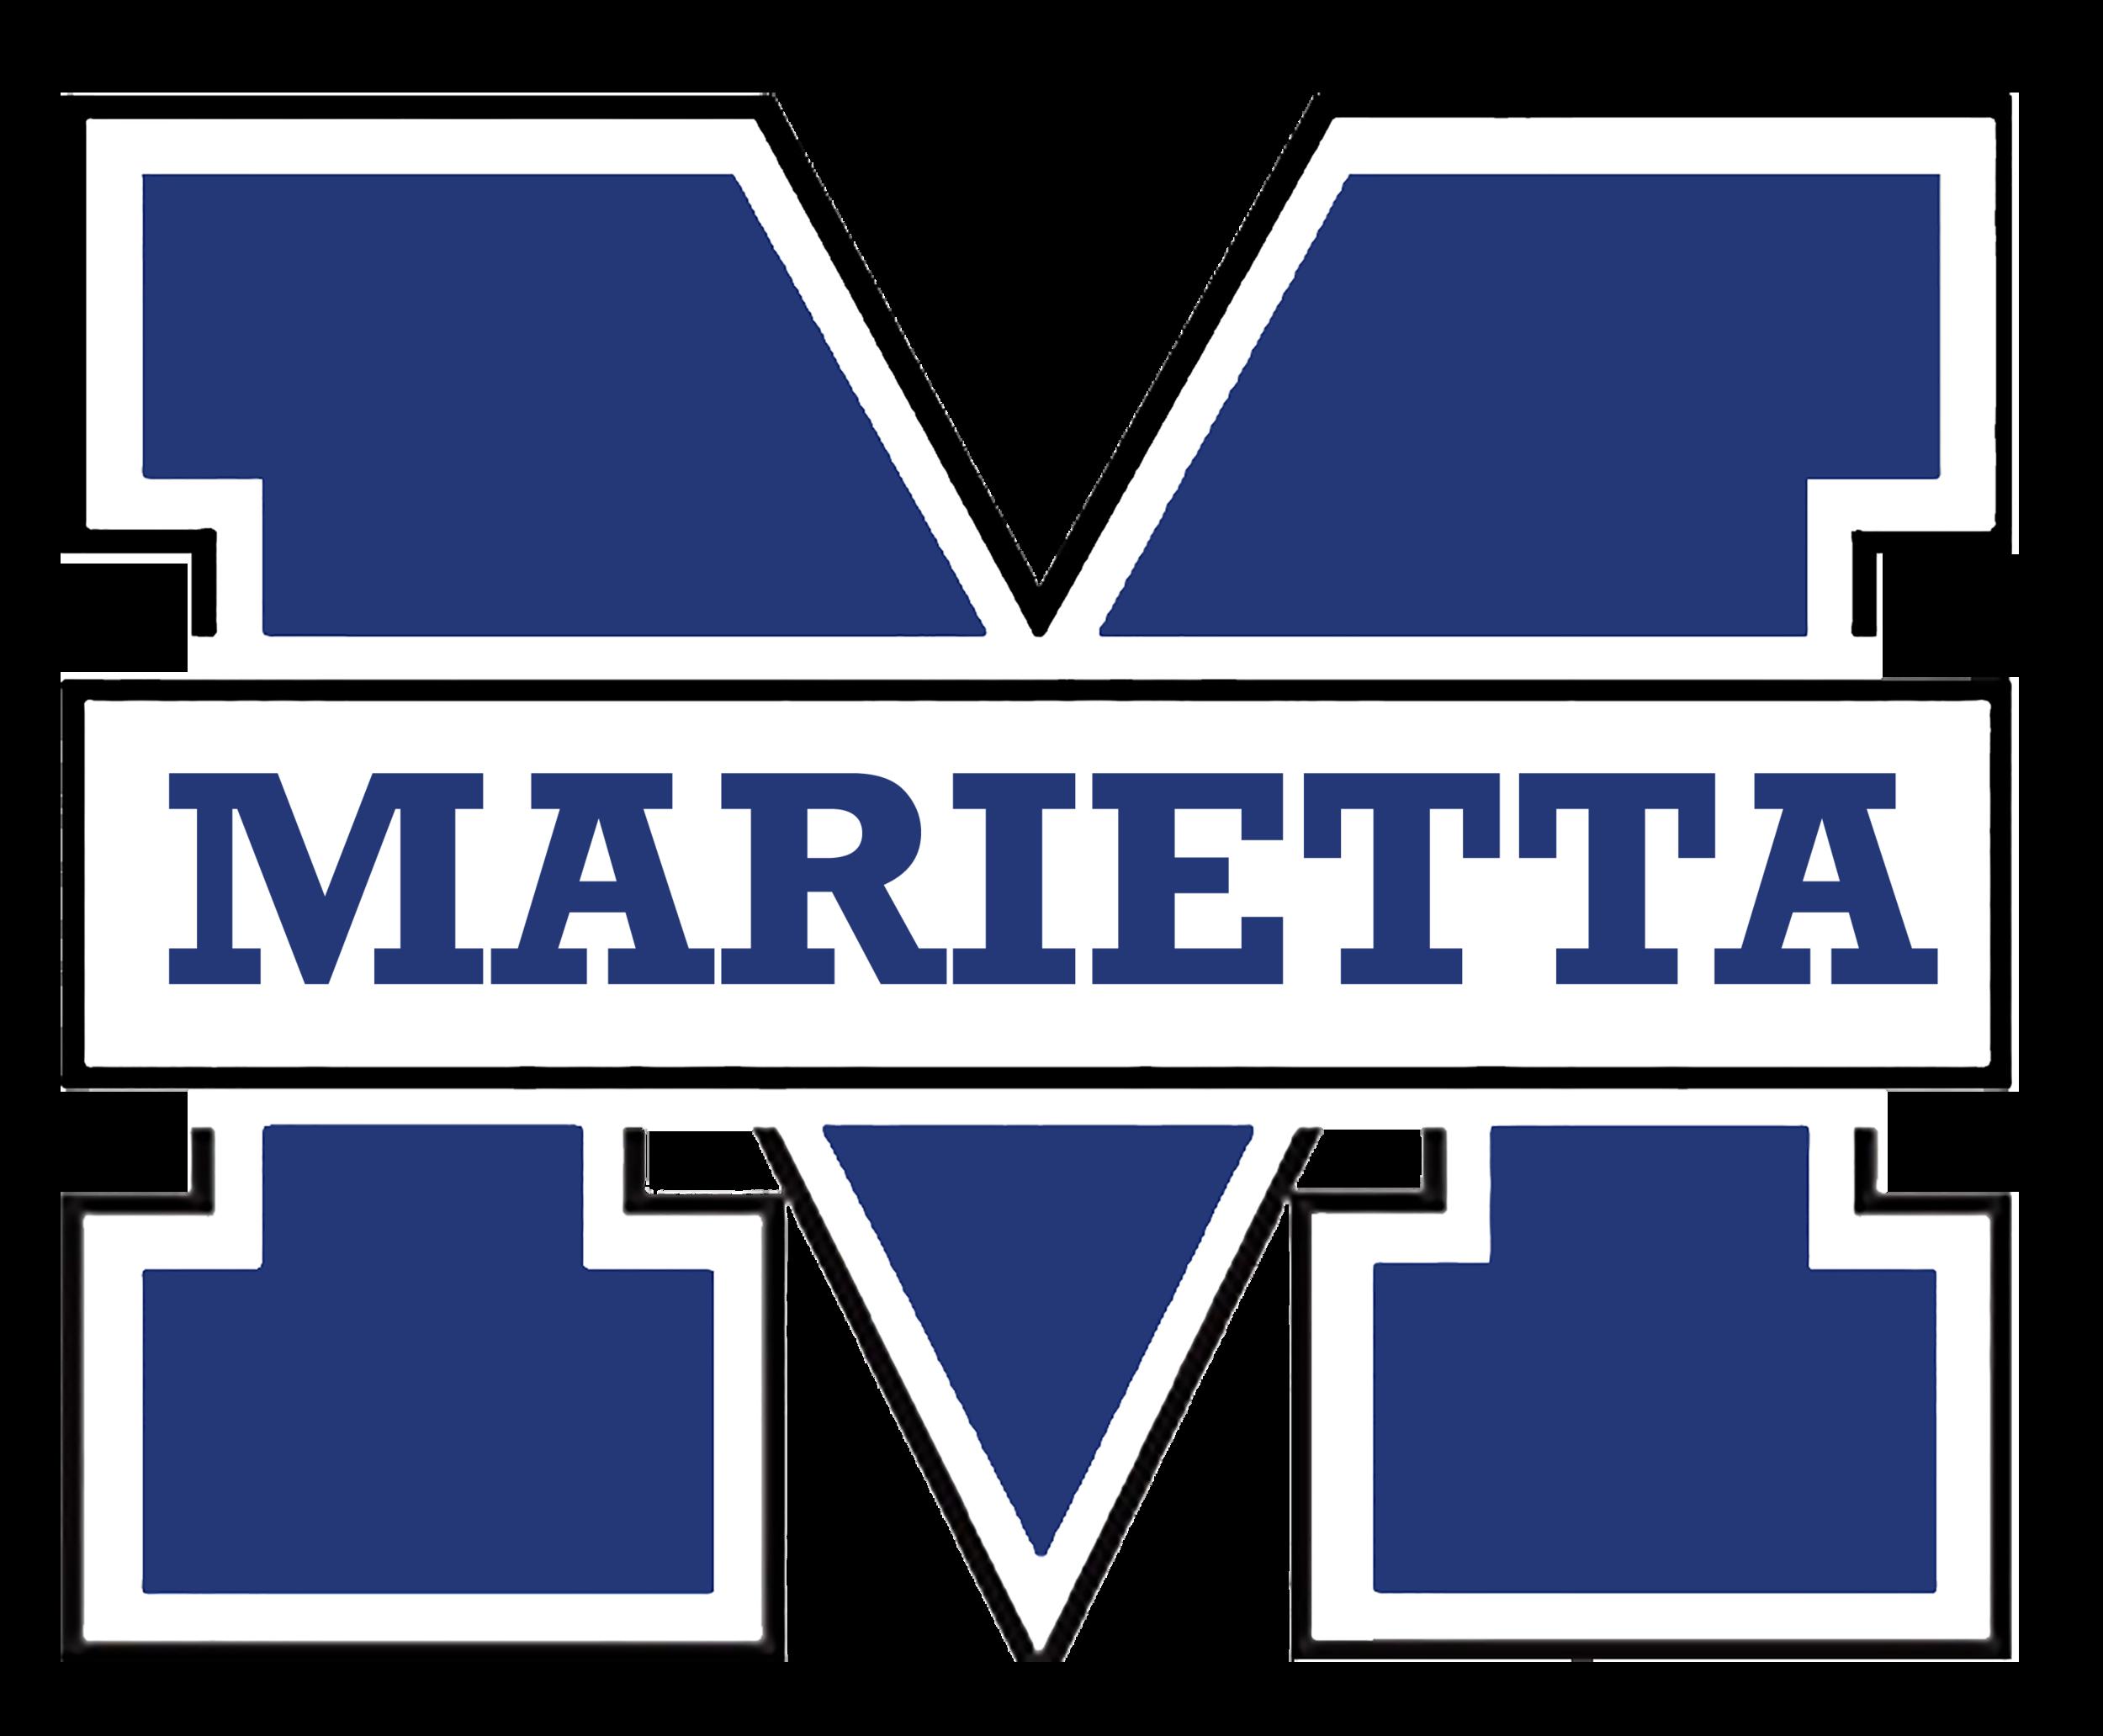 Marietta M Hi Res.png